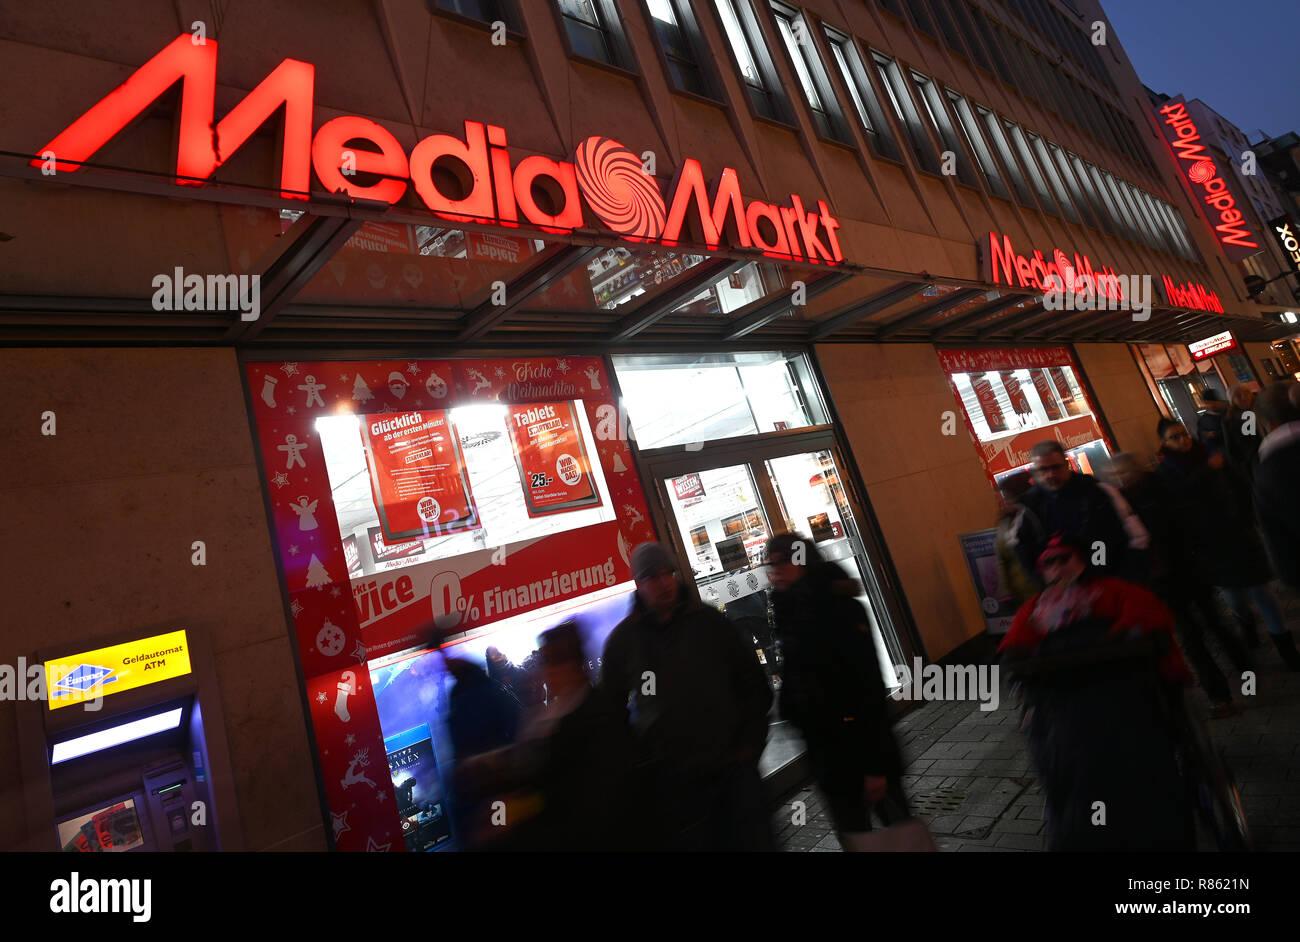 mediamarkt köln